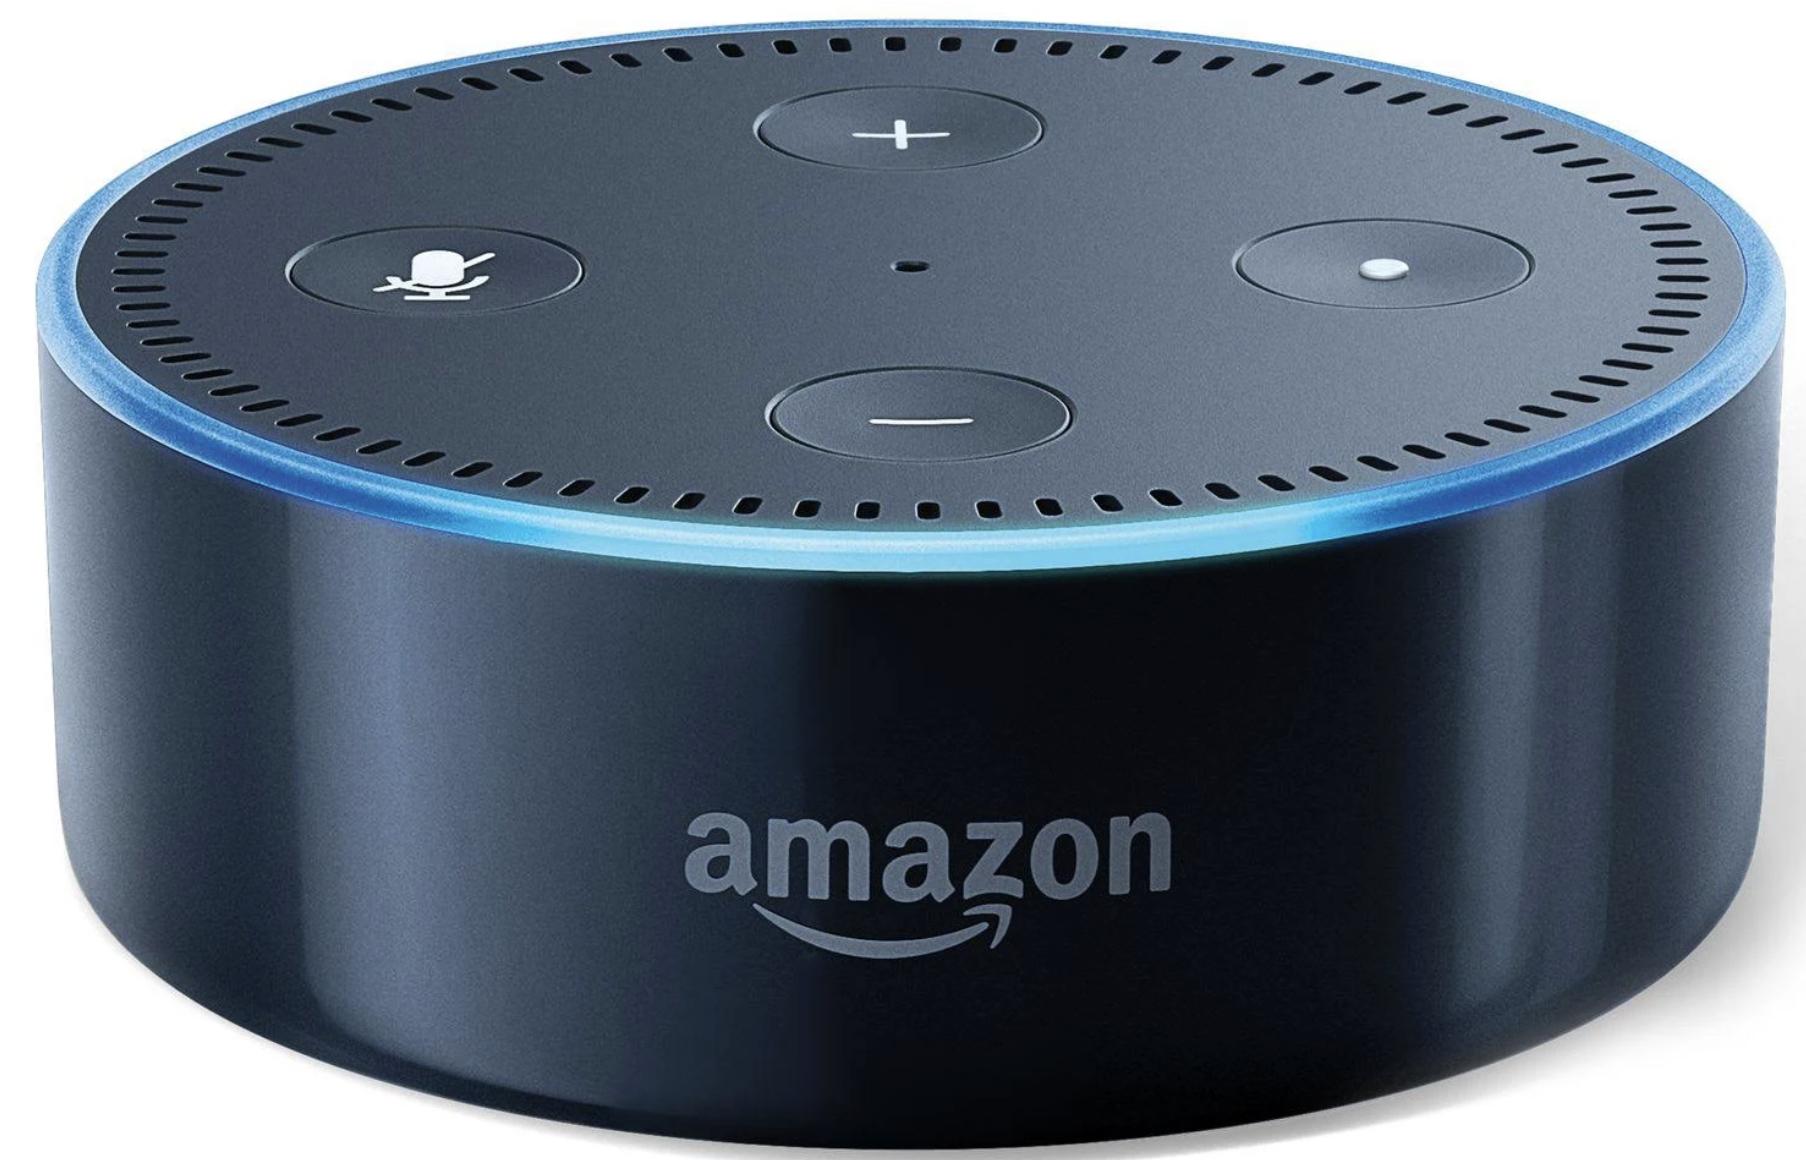 [Lokal] Bremen - Amazon Echo Dot (2nd Generation) von mobilcom-debitel aktuell günstig